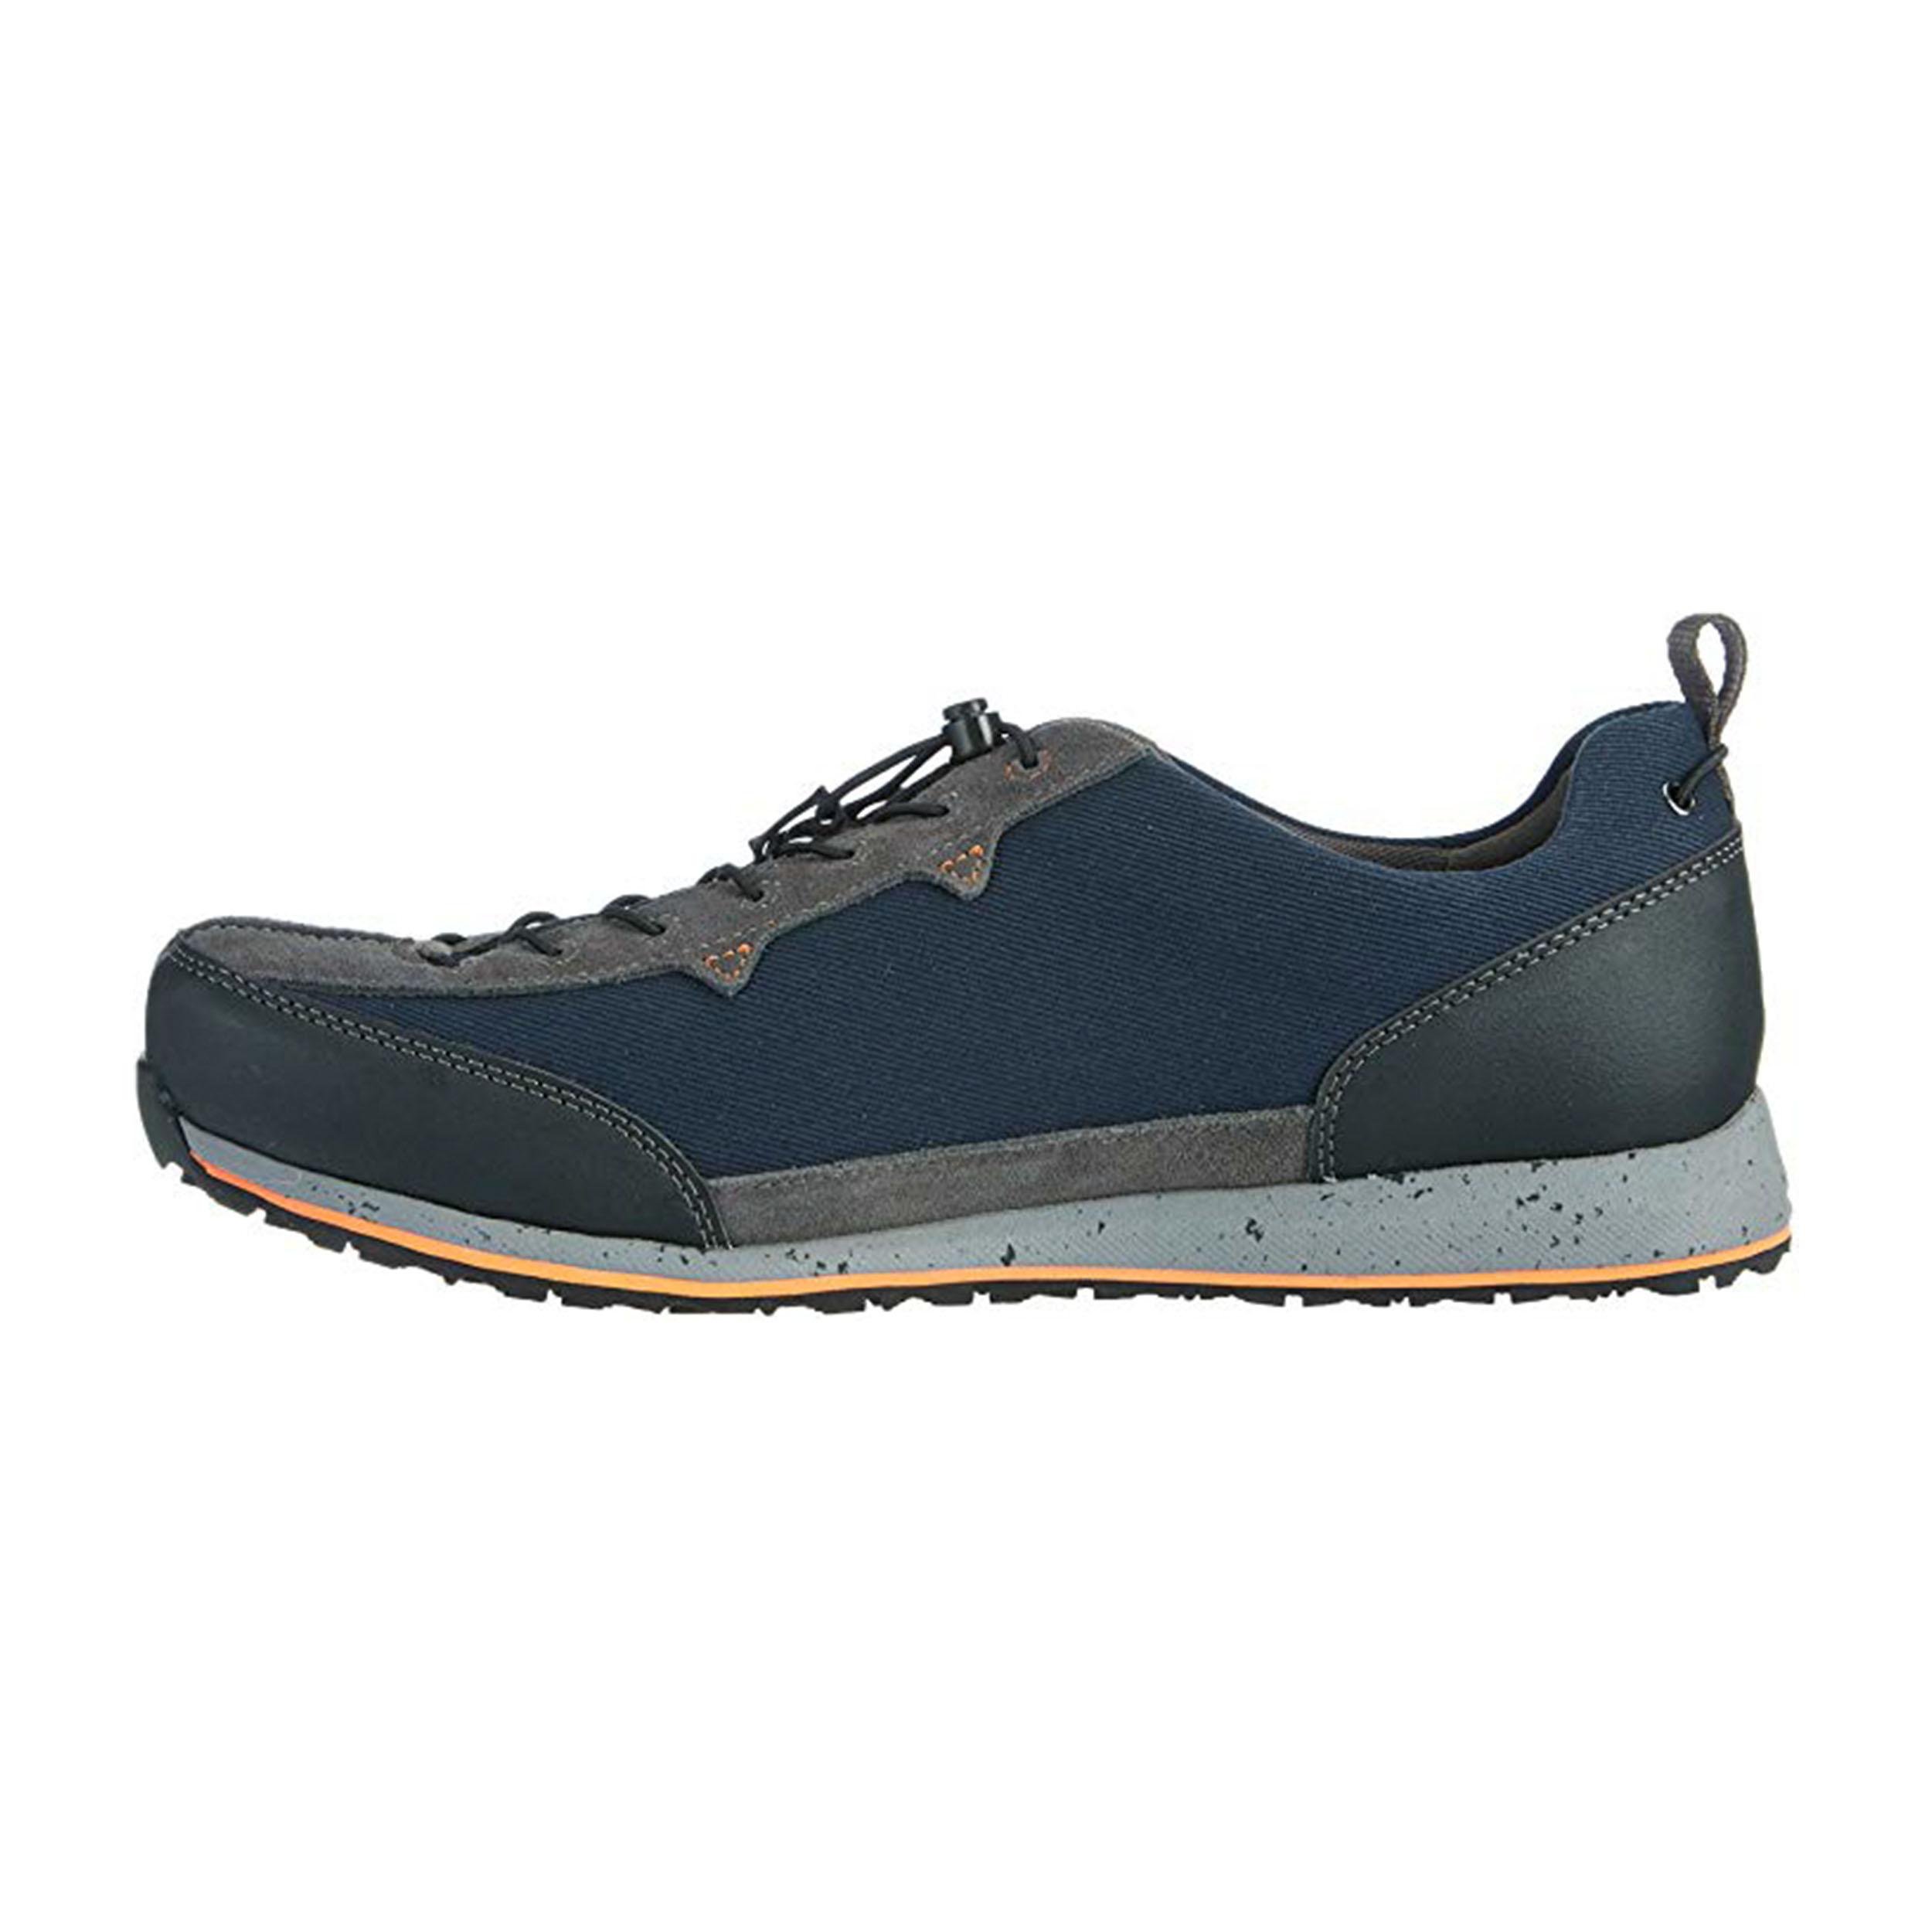 قیمت کفش مخصوص پیاده روی مردانه کلارک مدل CAMPTON TRAIL